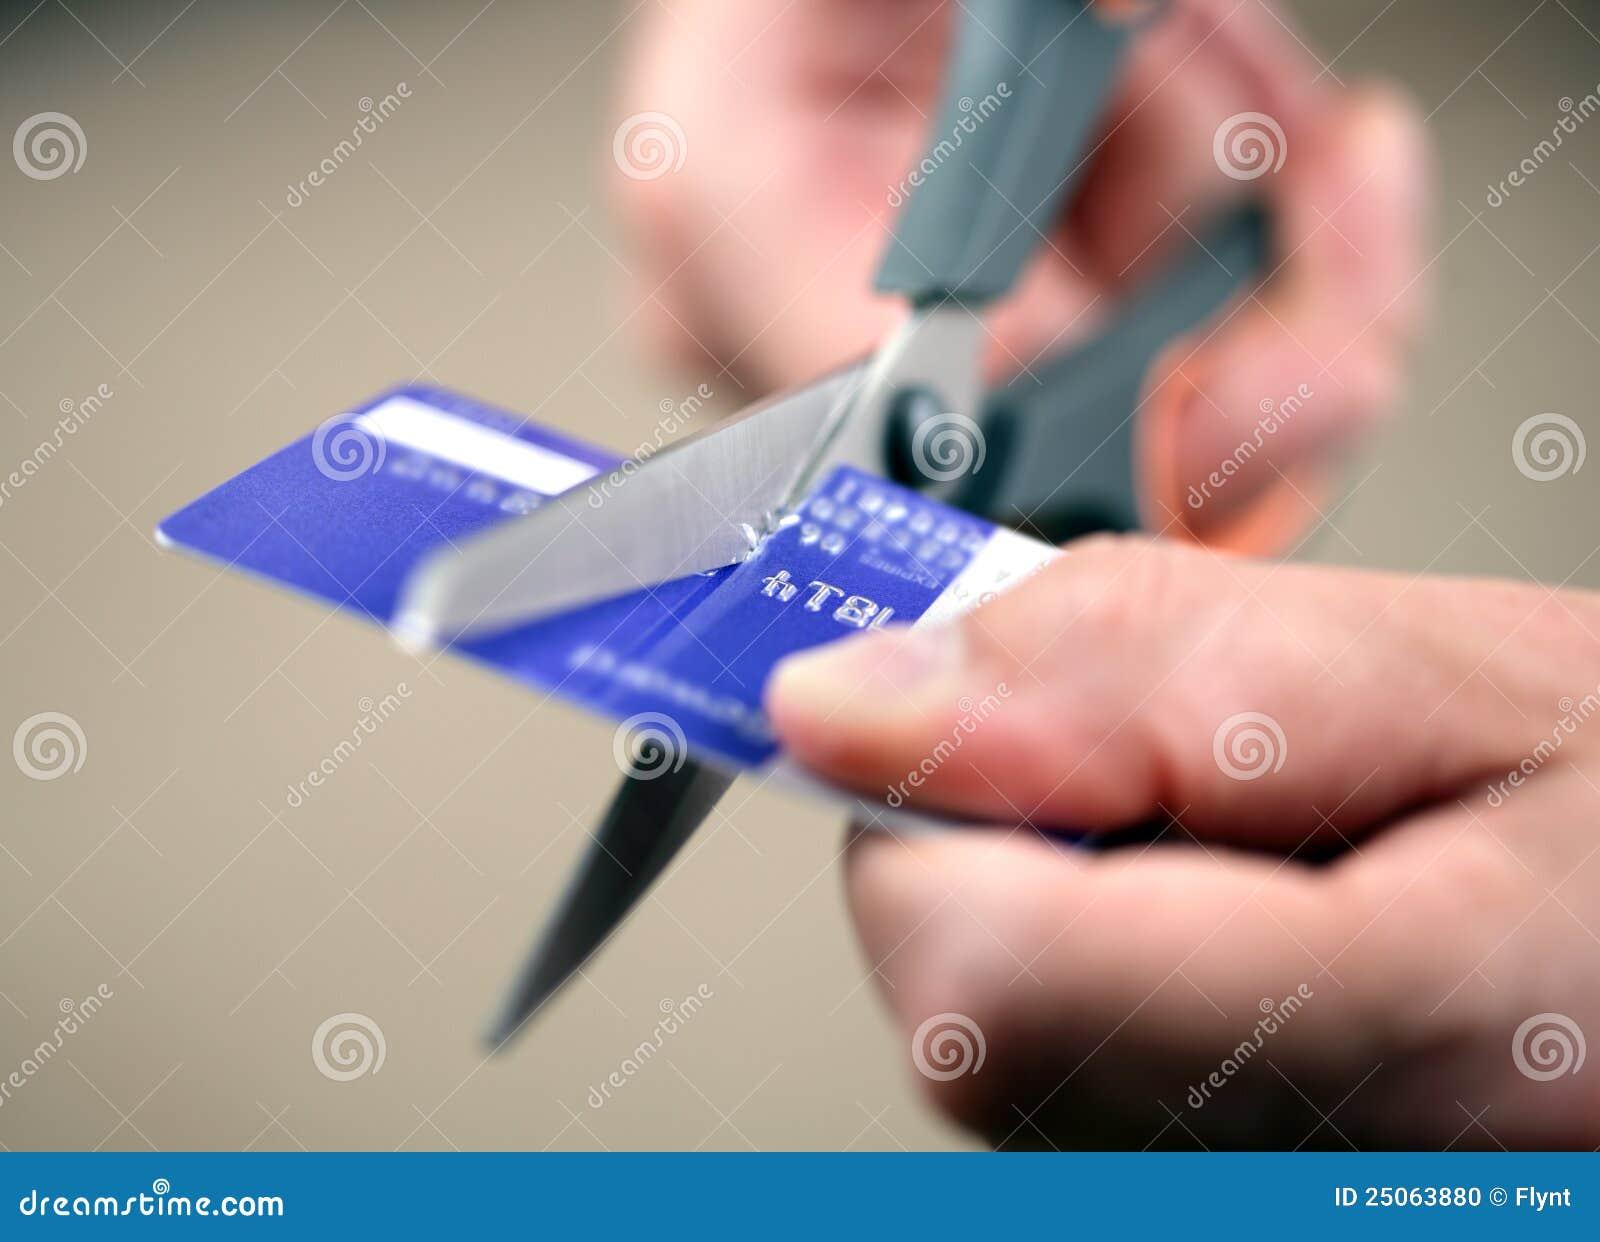 Schnitt einer Kreditkarte